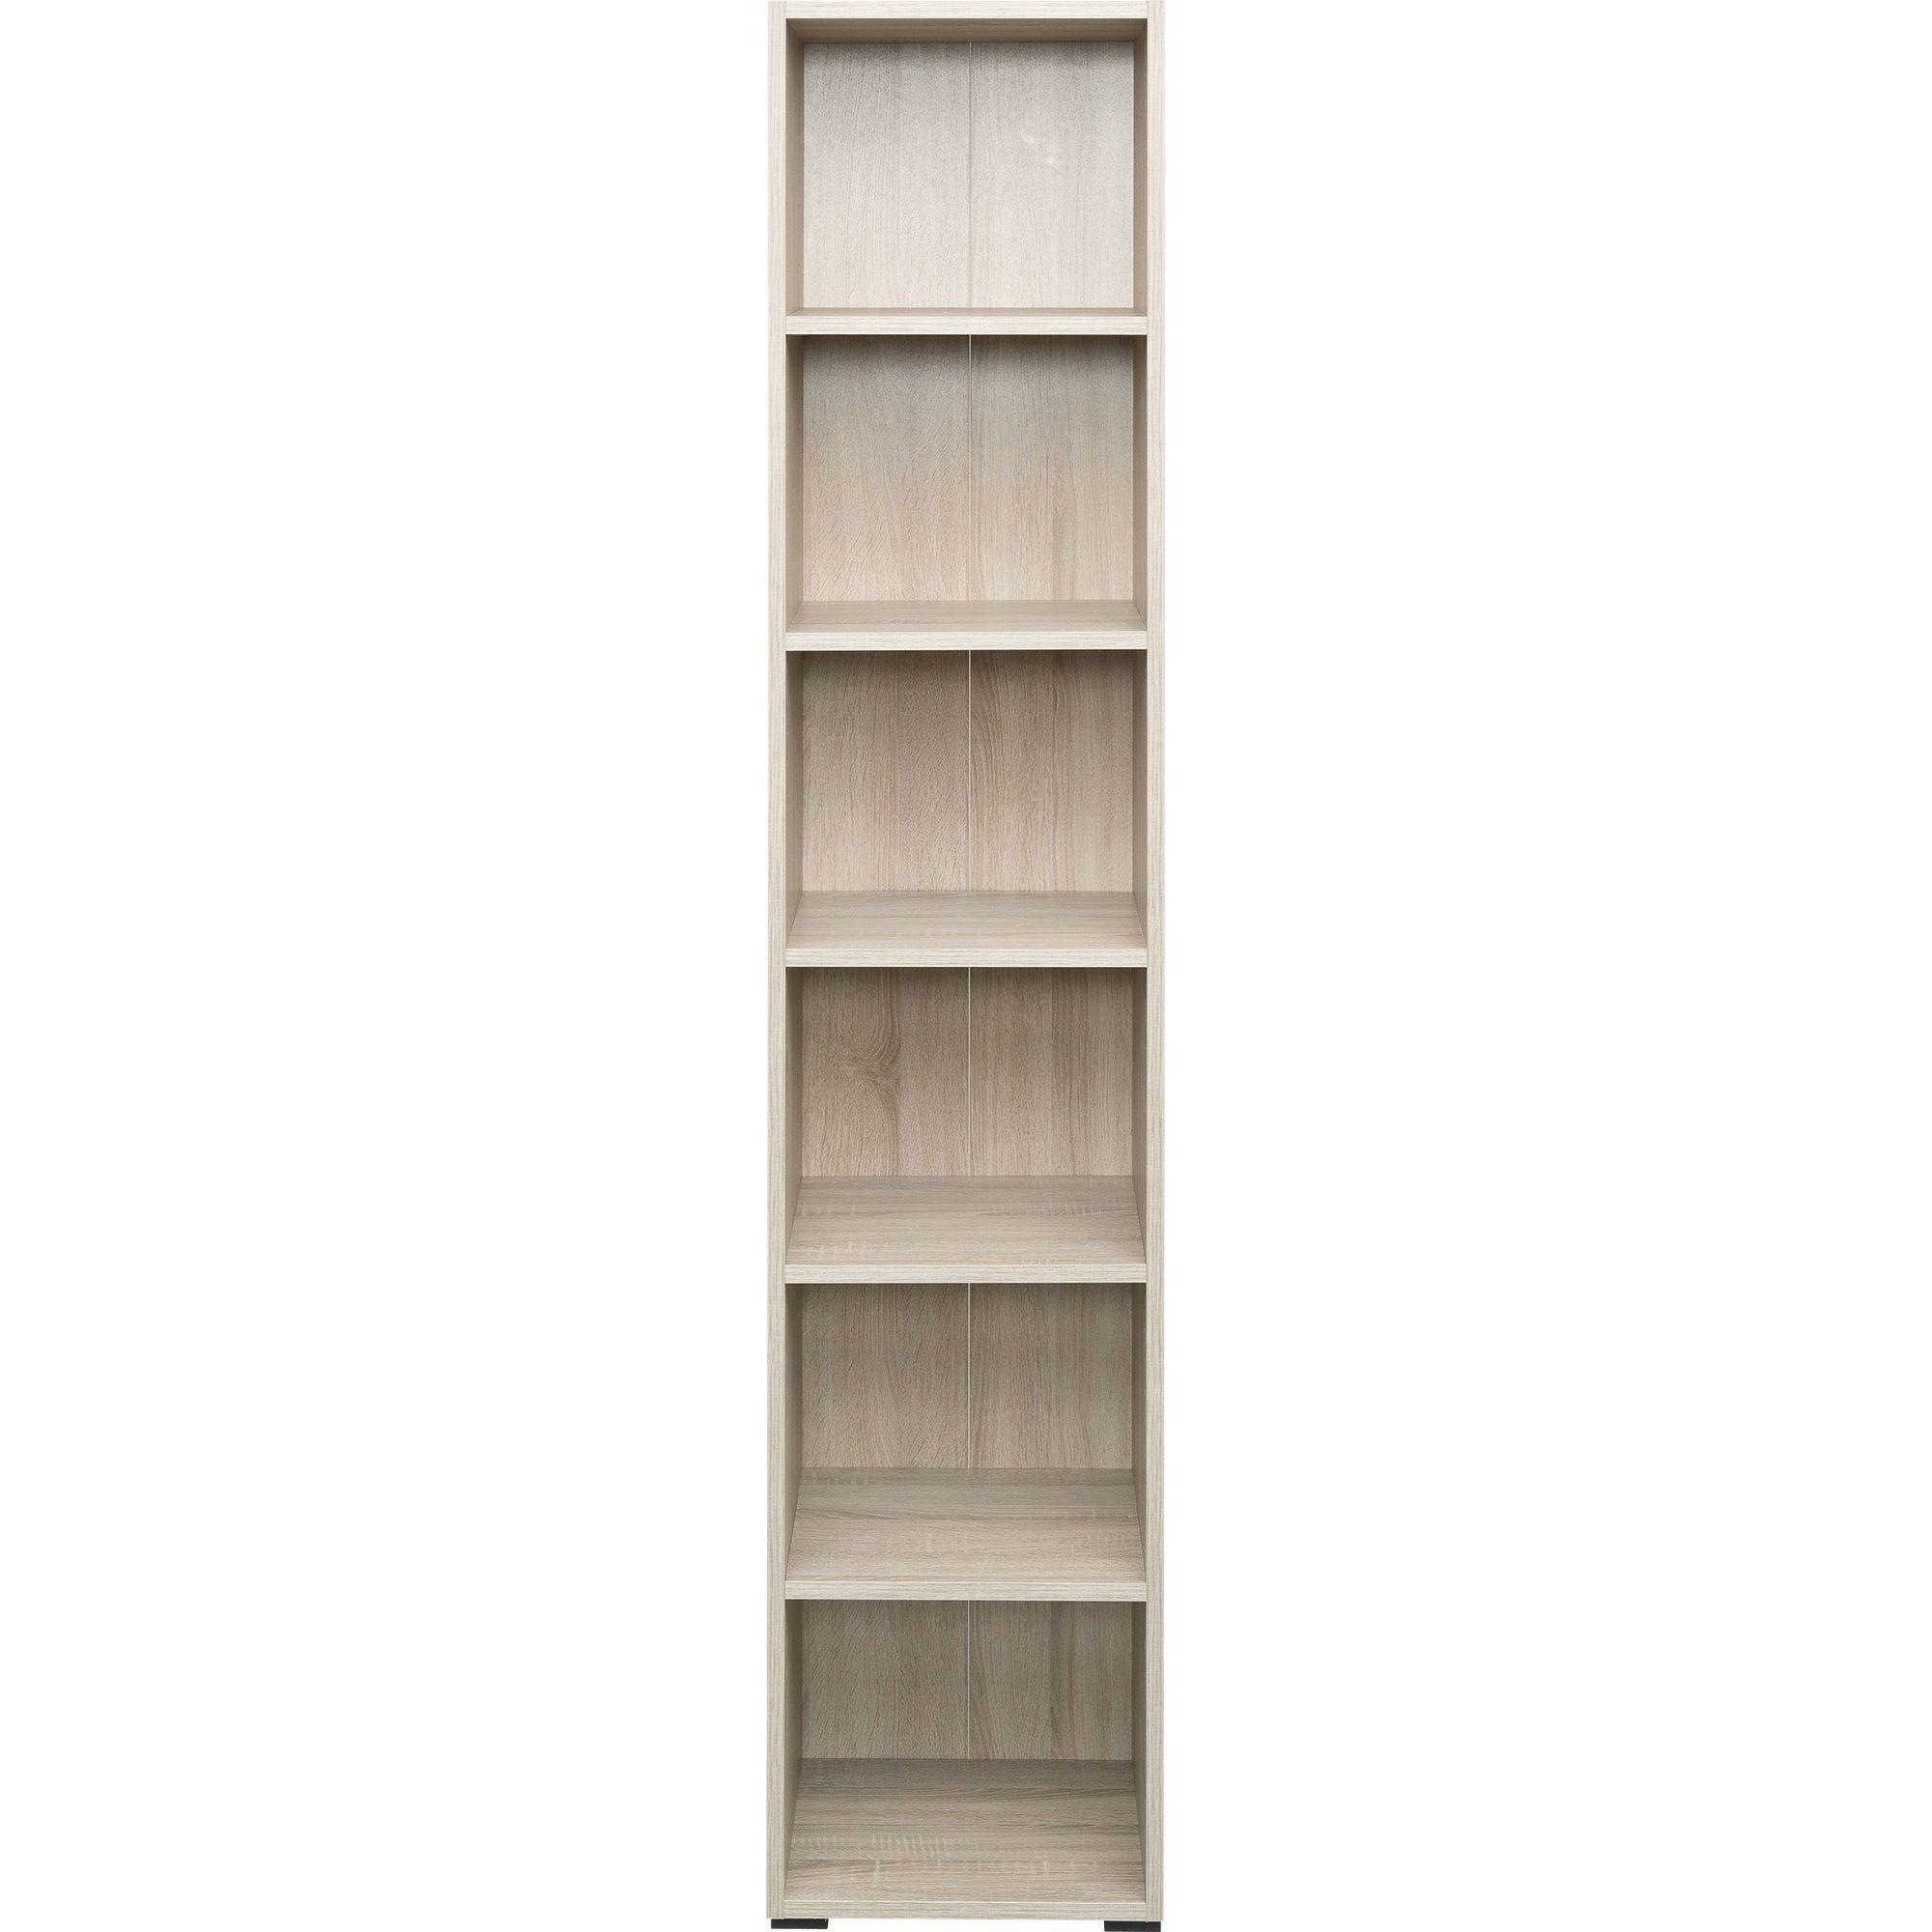 Meuble Bibliotheque Fly D Coration De Maison Contemporaine # Meuble Bibliotheque Fly